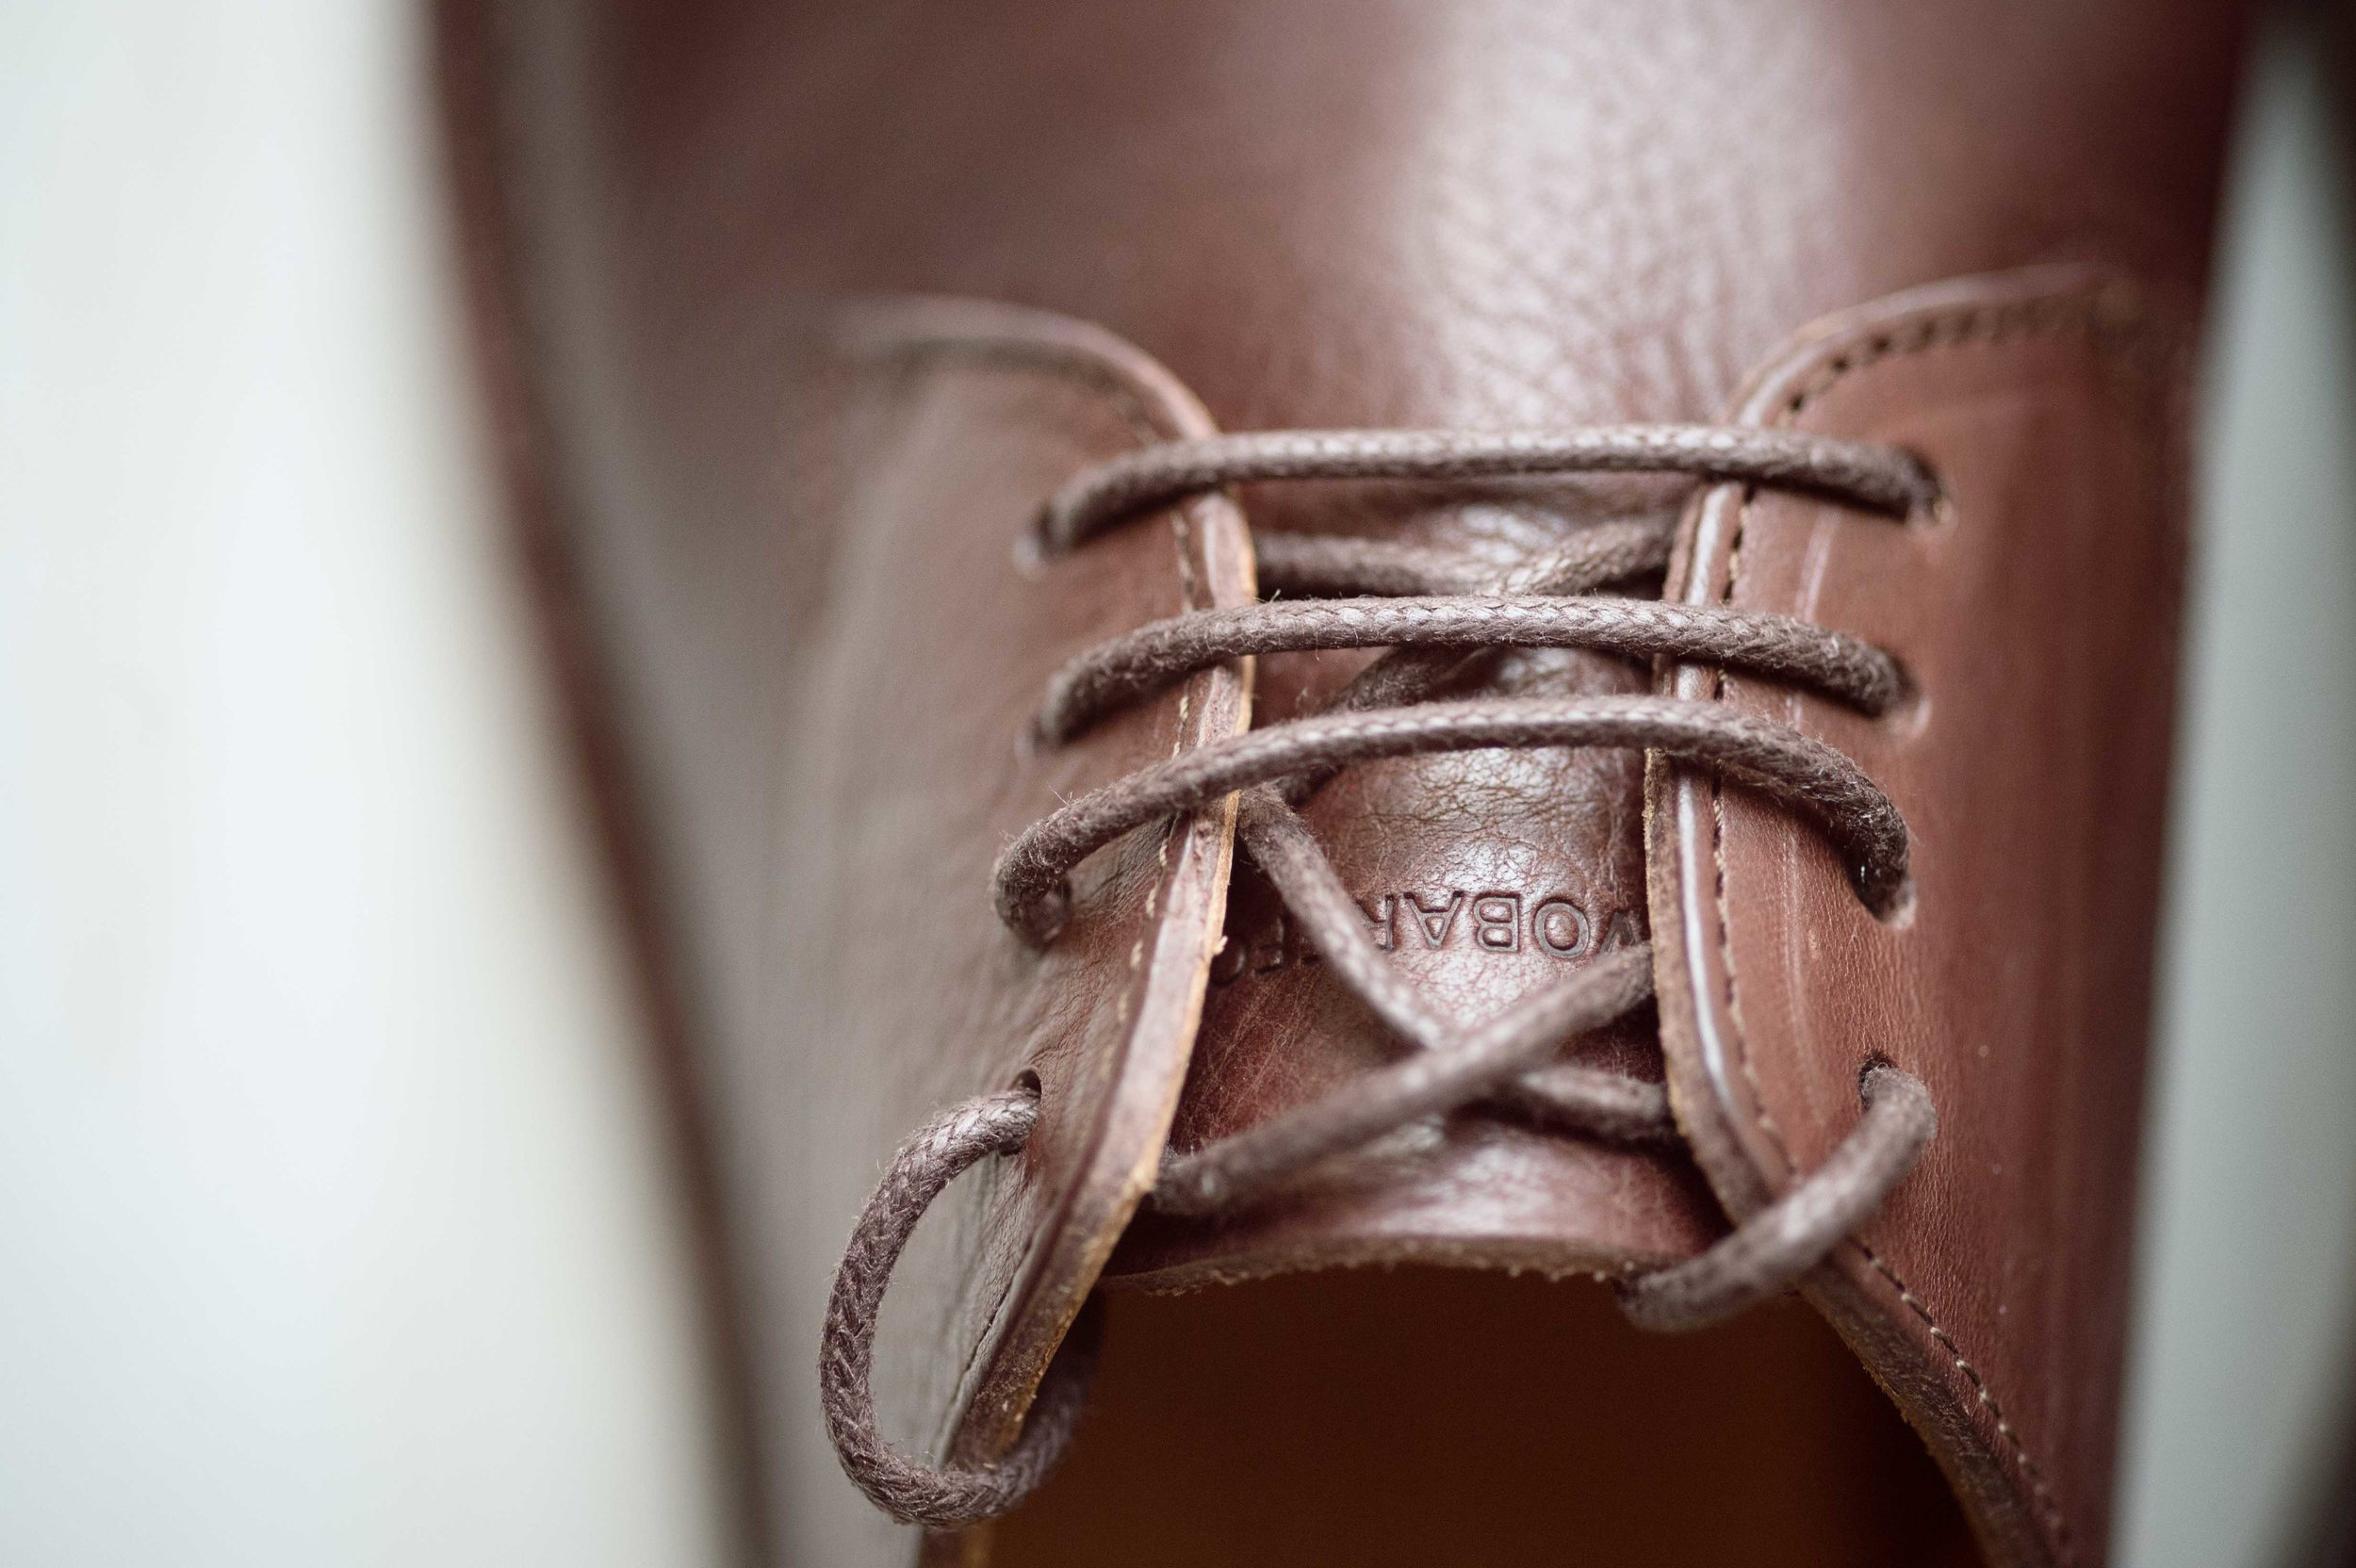 Barefoot_runner_office_shoes_thetrinerd_aniko_towers_photo-19.jpg